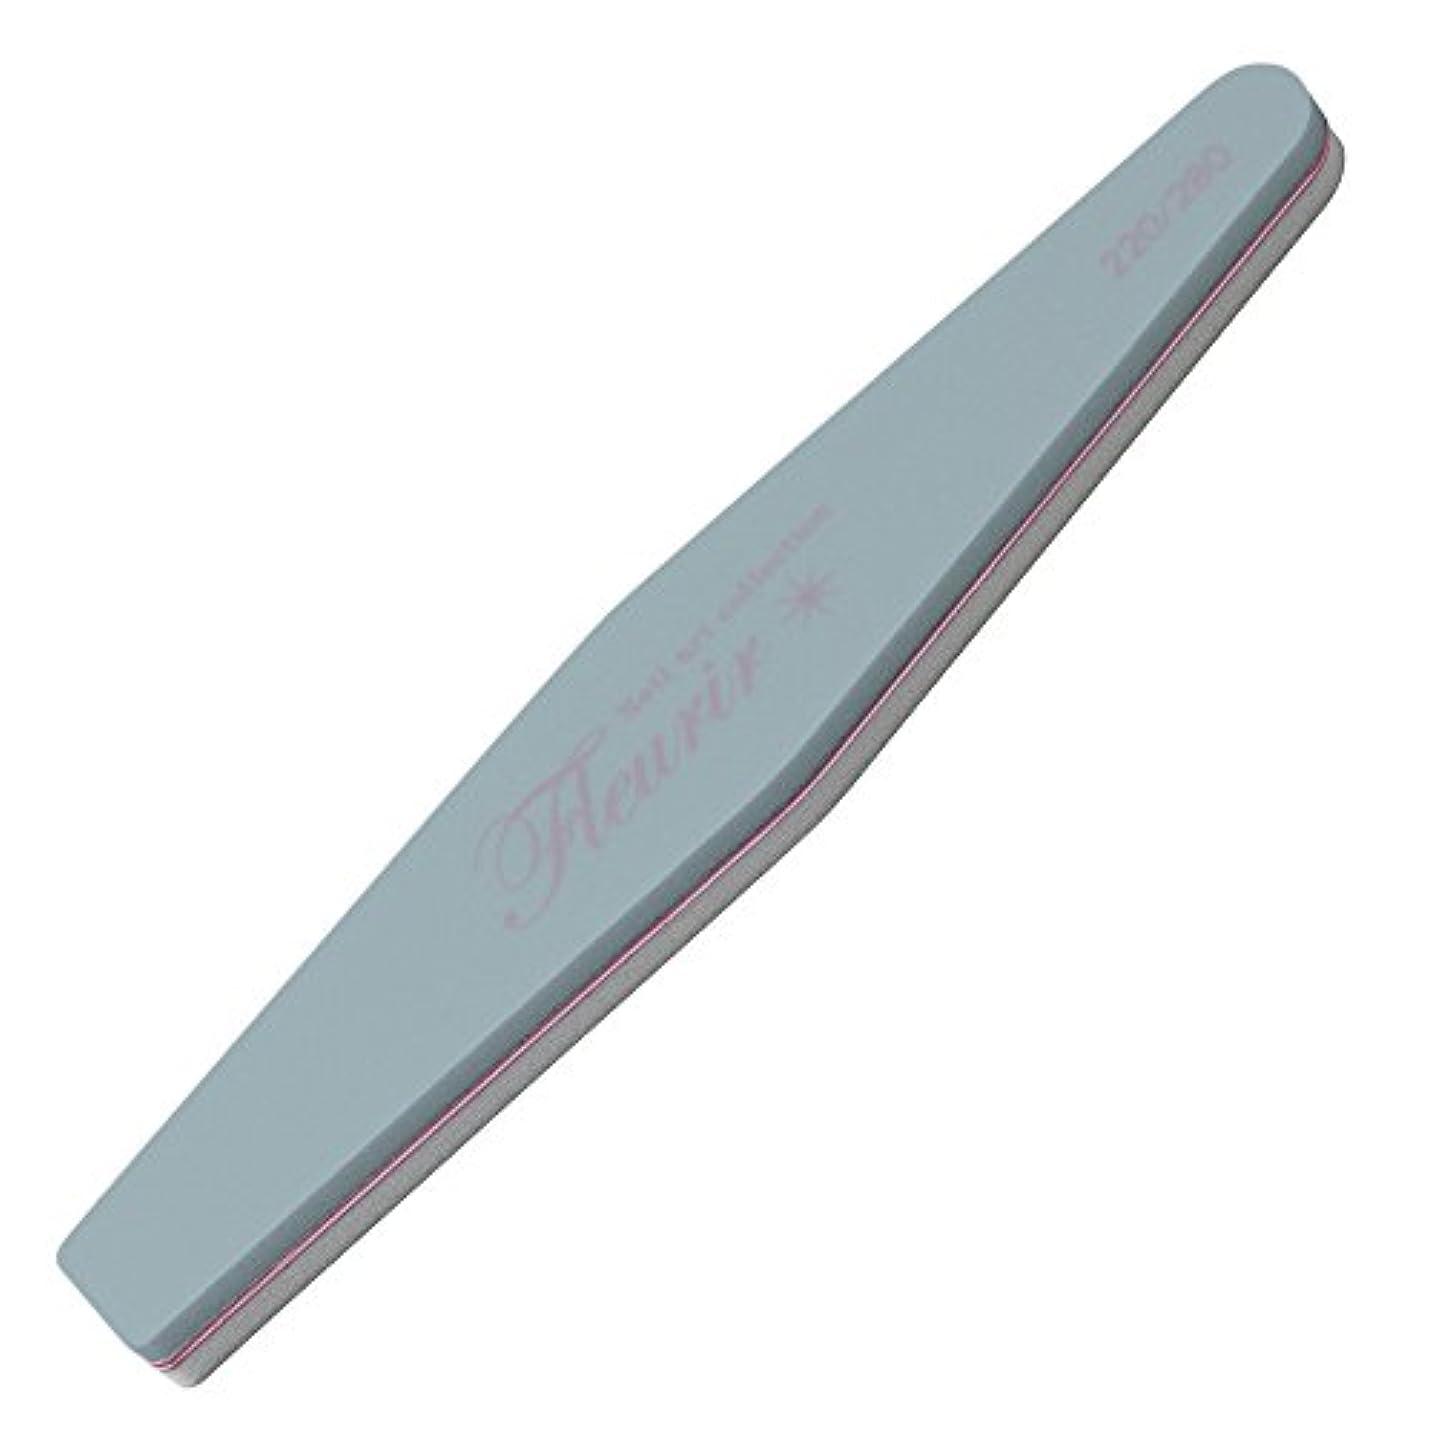 針平方膨張するFleurir スポンジファイル 220/280グリット